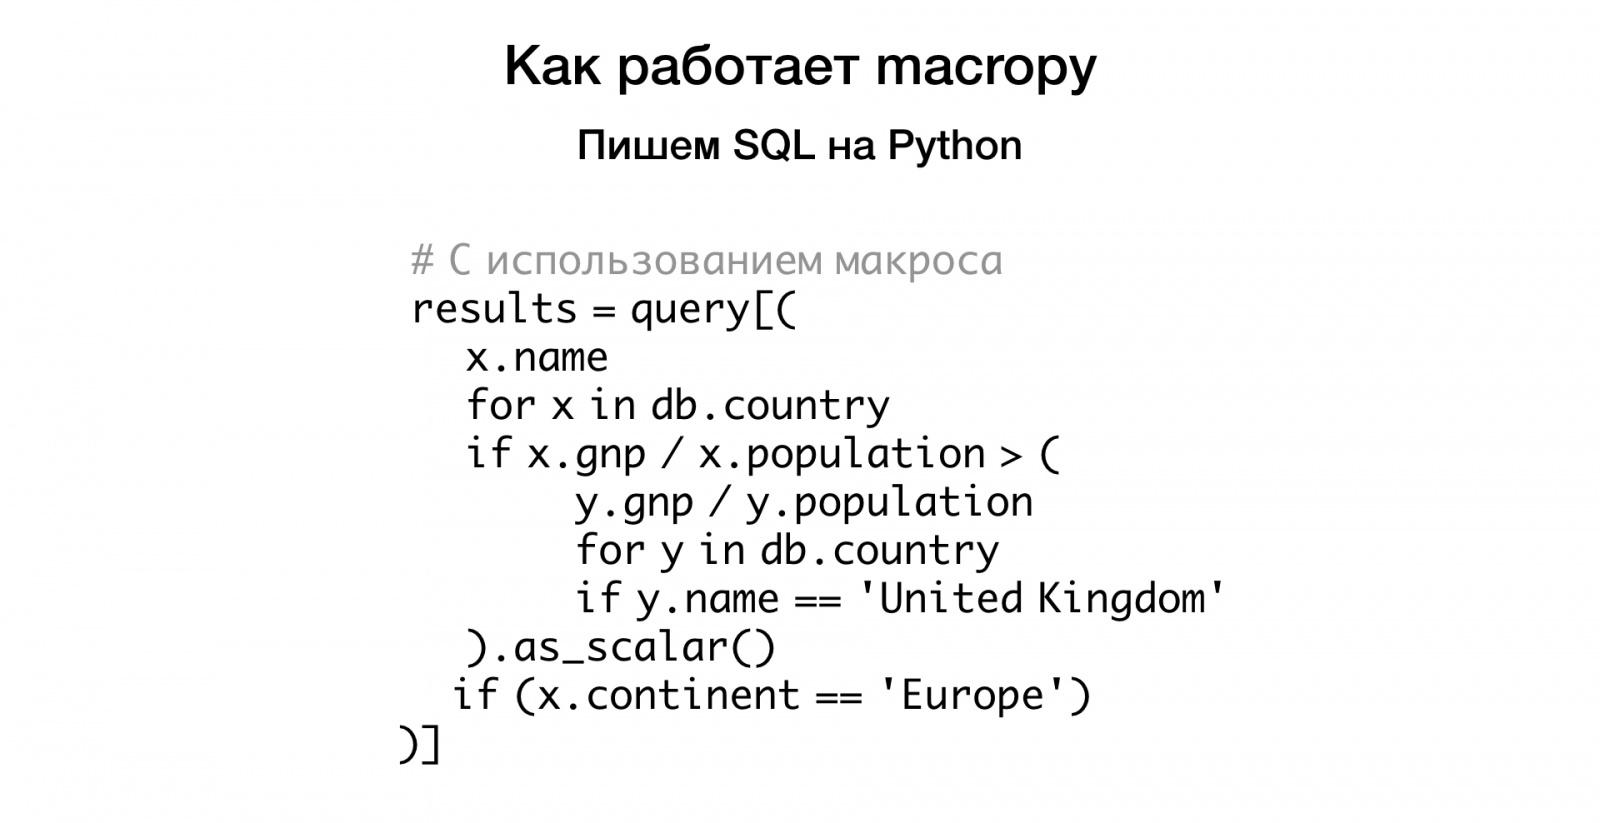 Макросы для питониста. Доклад Яндекса - 27